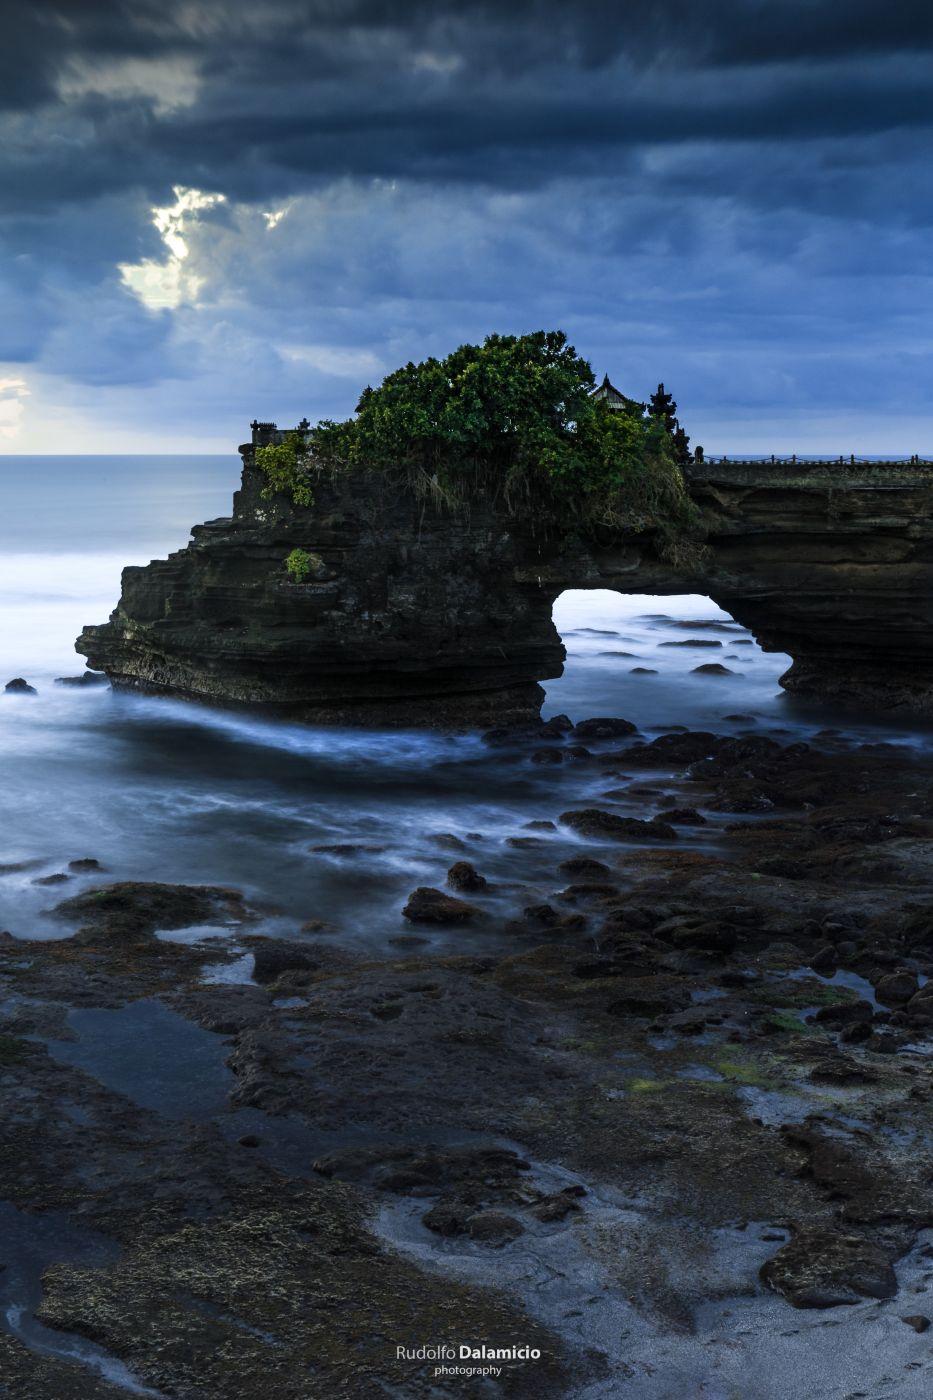 Batu Bolong Bali, Indonesia